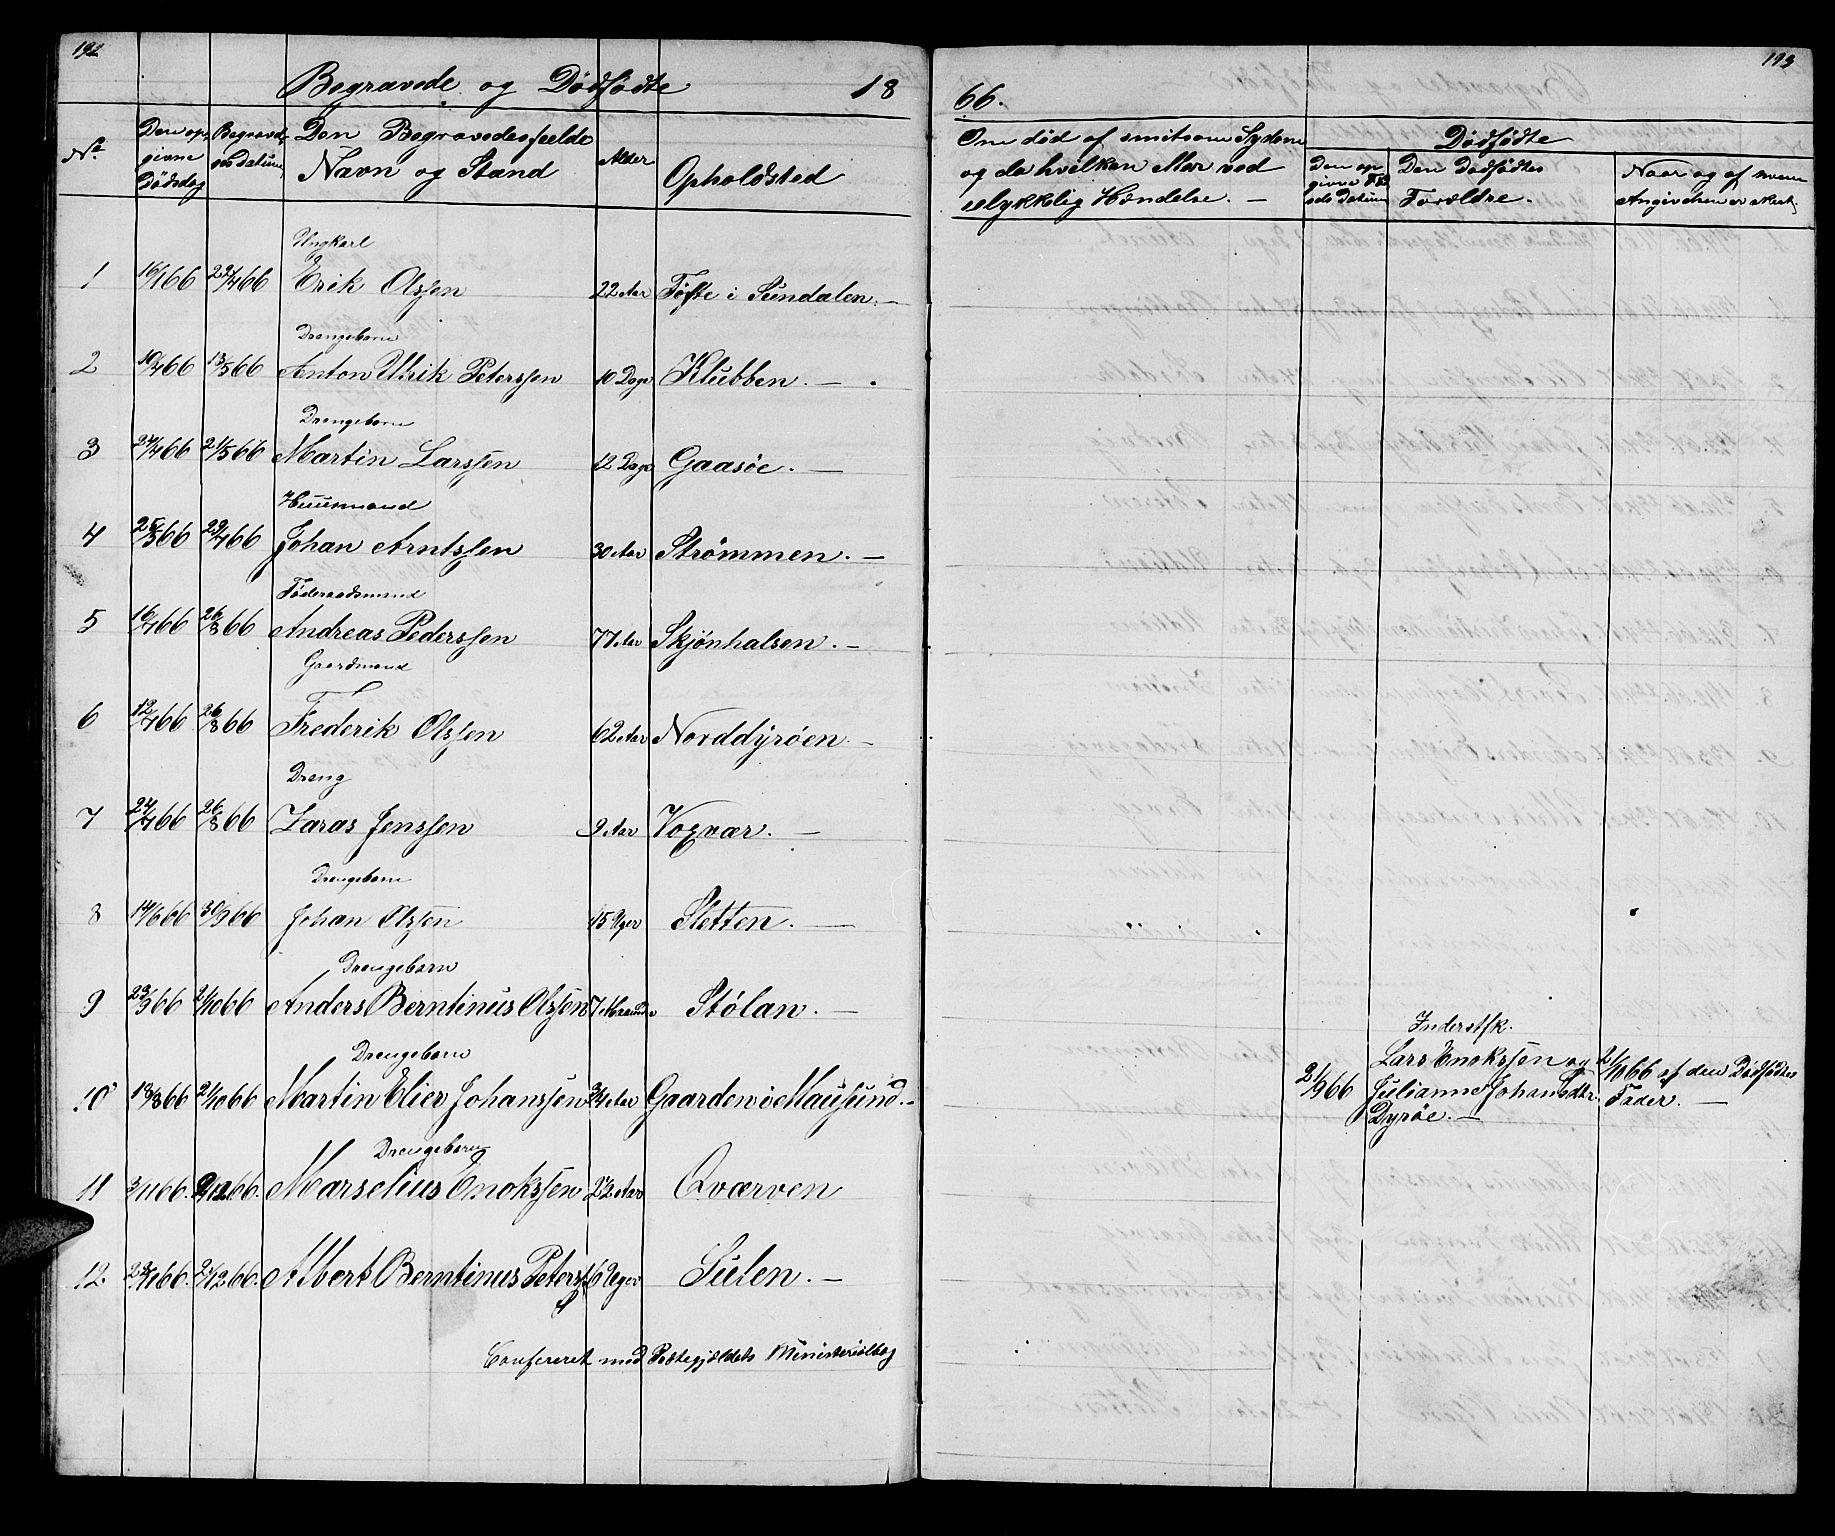 SAT, Ministerialprotokoller, klokkerbøker og fødselsregistre - Sør-Trøndelag, 640/L0583: Klokkerbok nr. 640C01, 1866-1877, s. 192-193